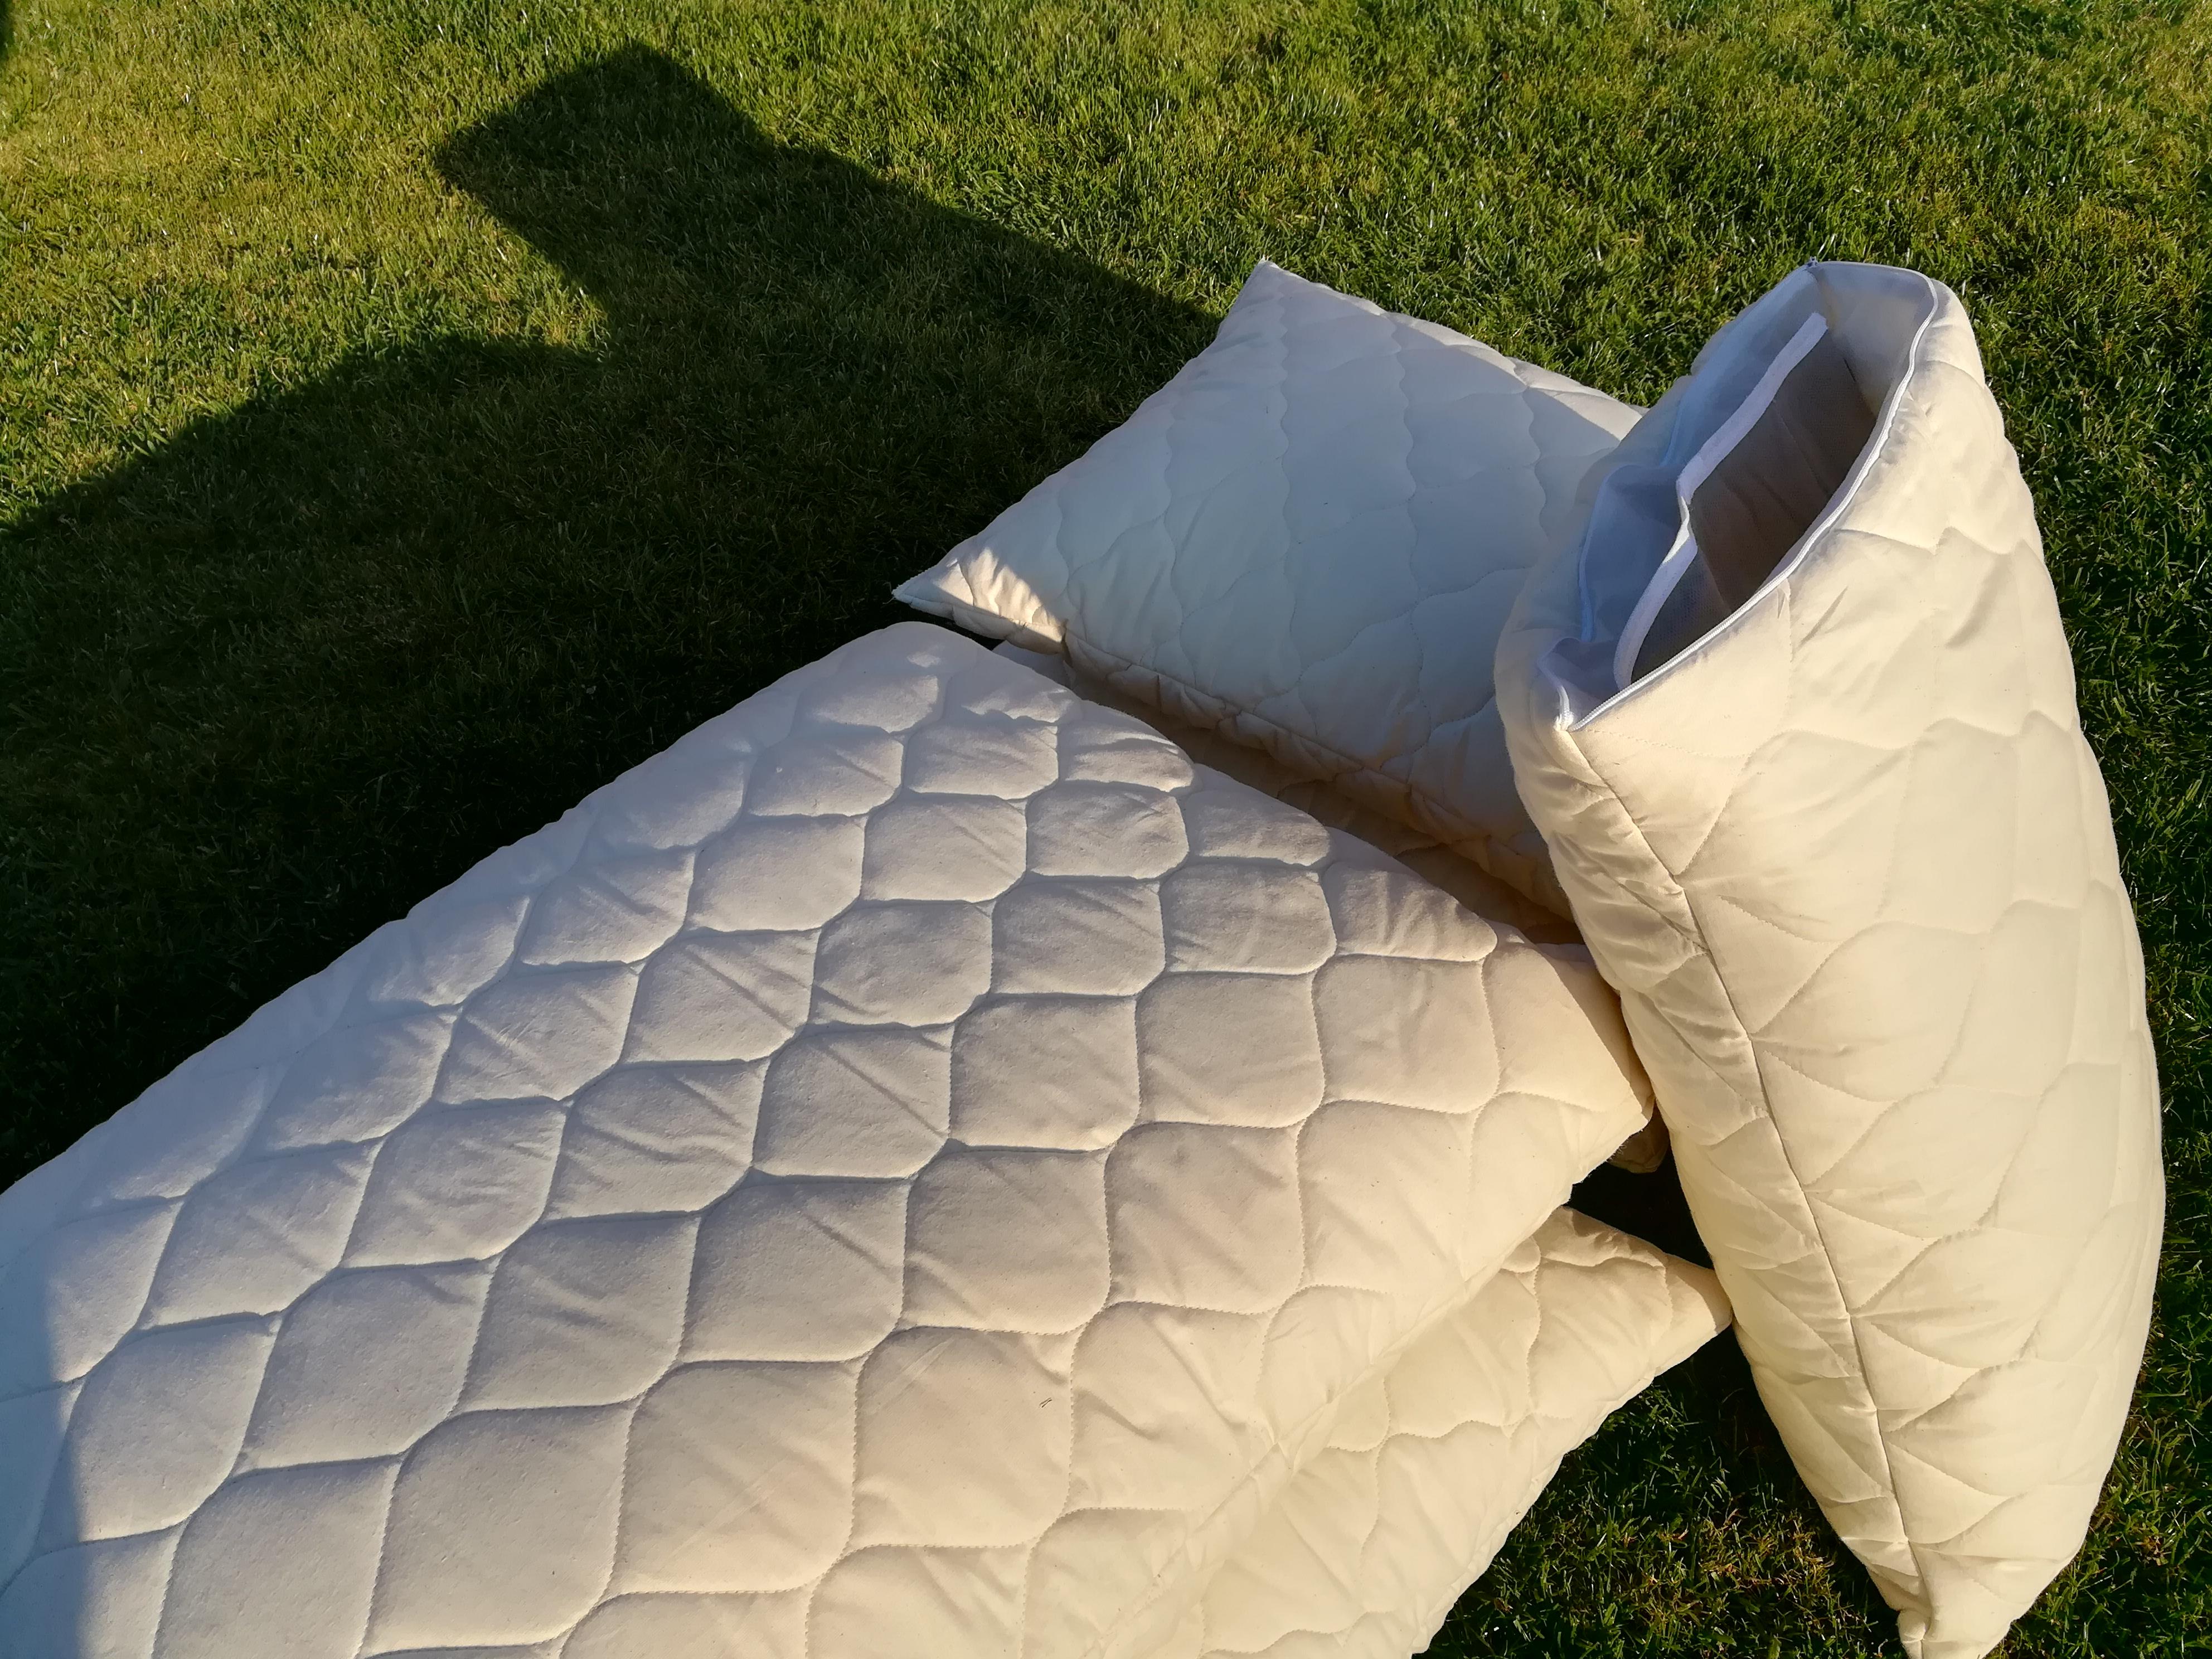 polštář určený k bylinným terapiím při spaní nebo relaxaci